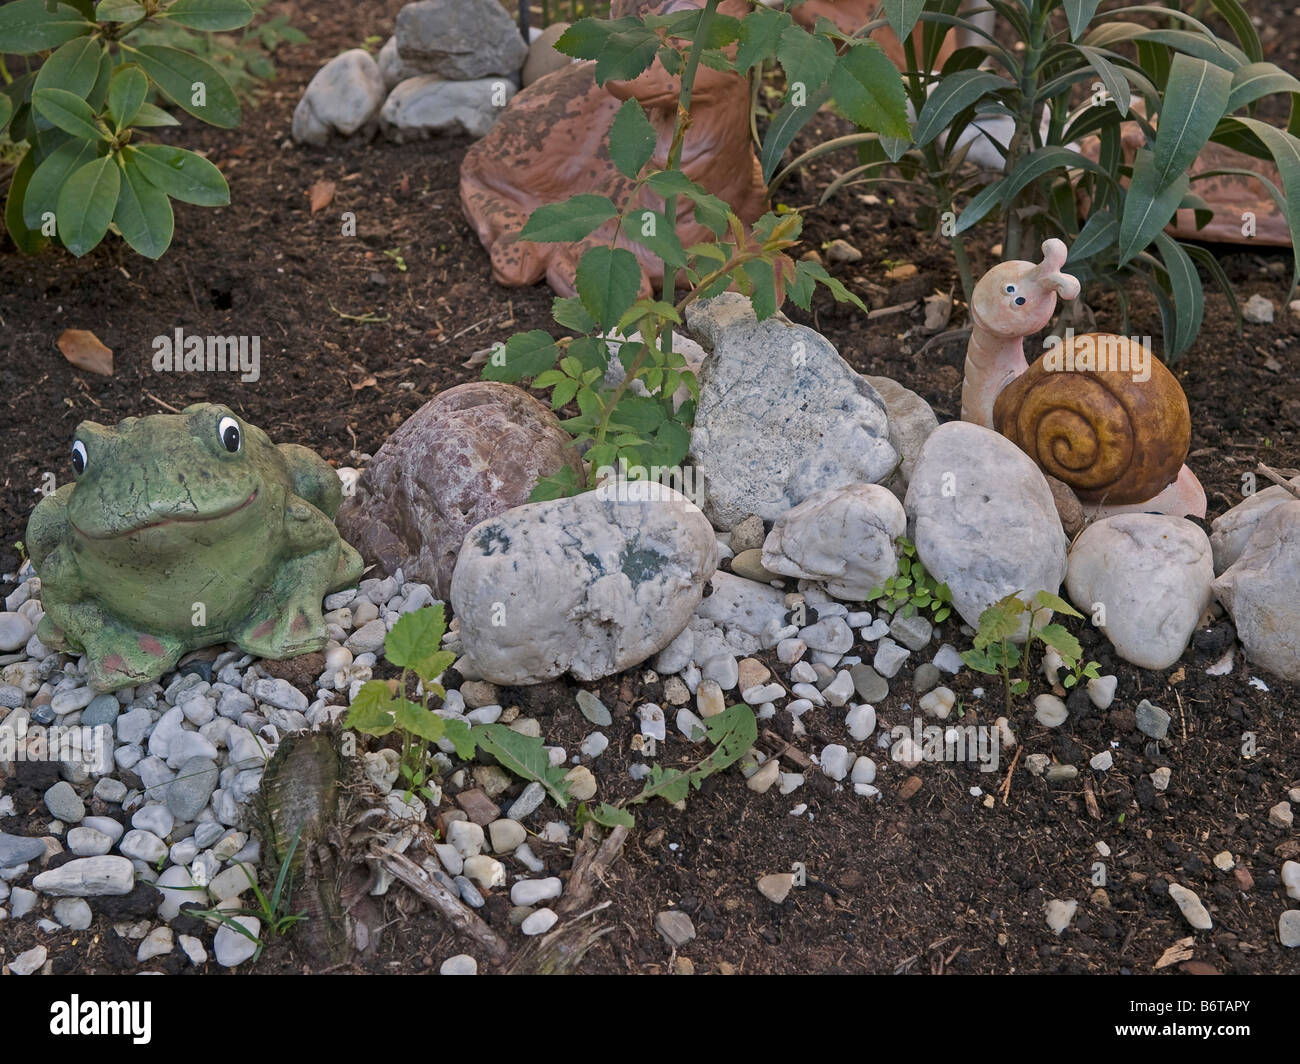 Lustige Figuren Ein Frosch Und Schlange Im Garten Stockfoto Bild